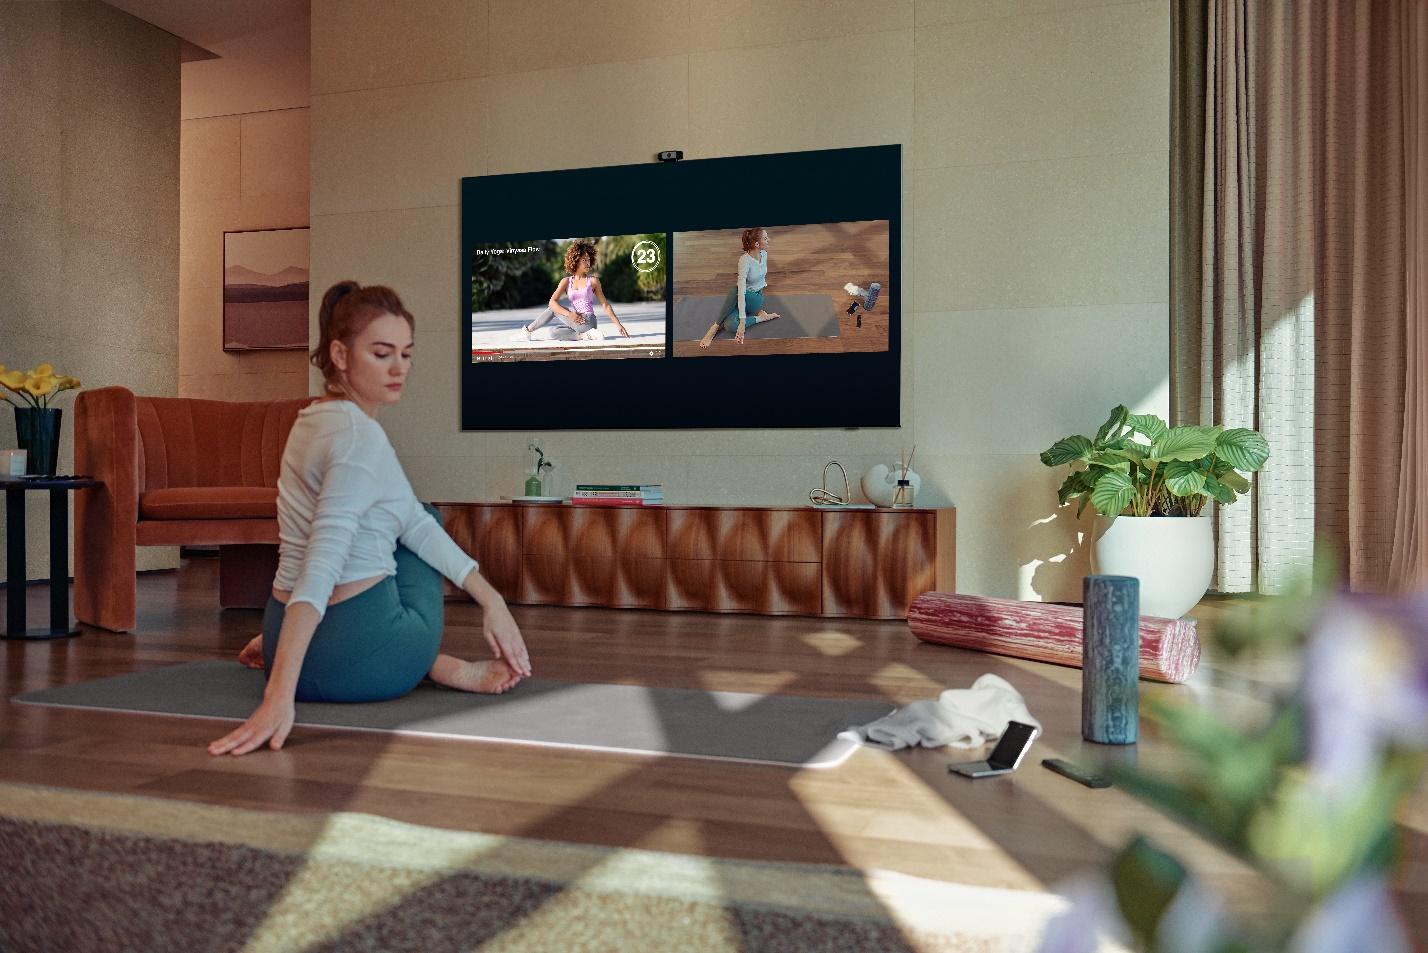 Người dùng có thể kết nối với huấn luyện viên hoặc bạn bè để cùng tập luyện với tính năng Multi View.